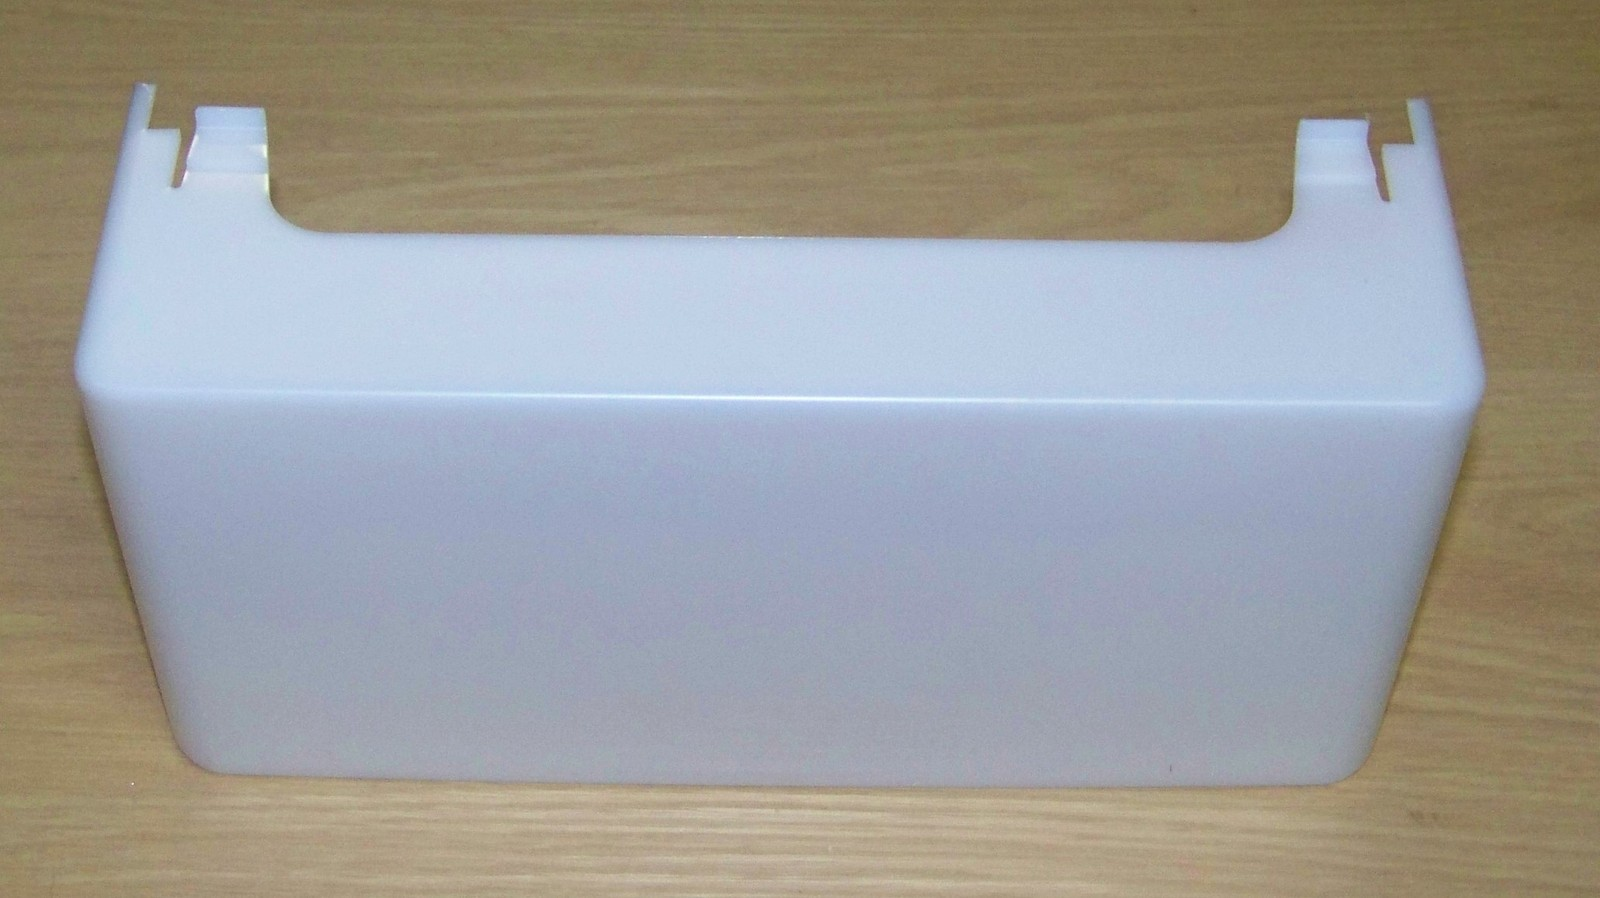 108d34 Light Cover